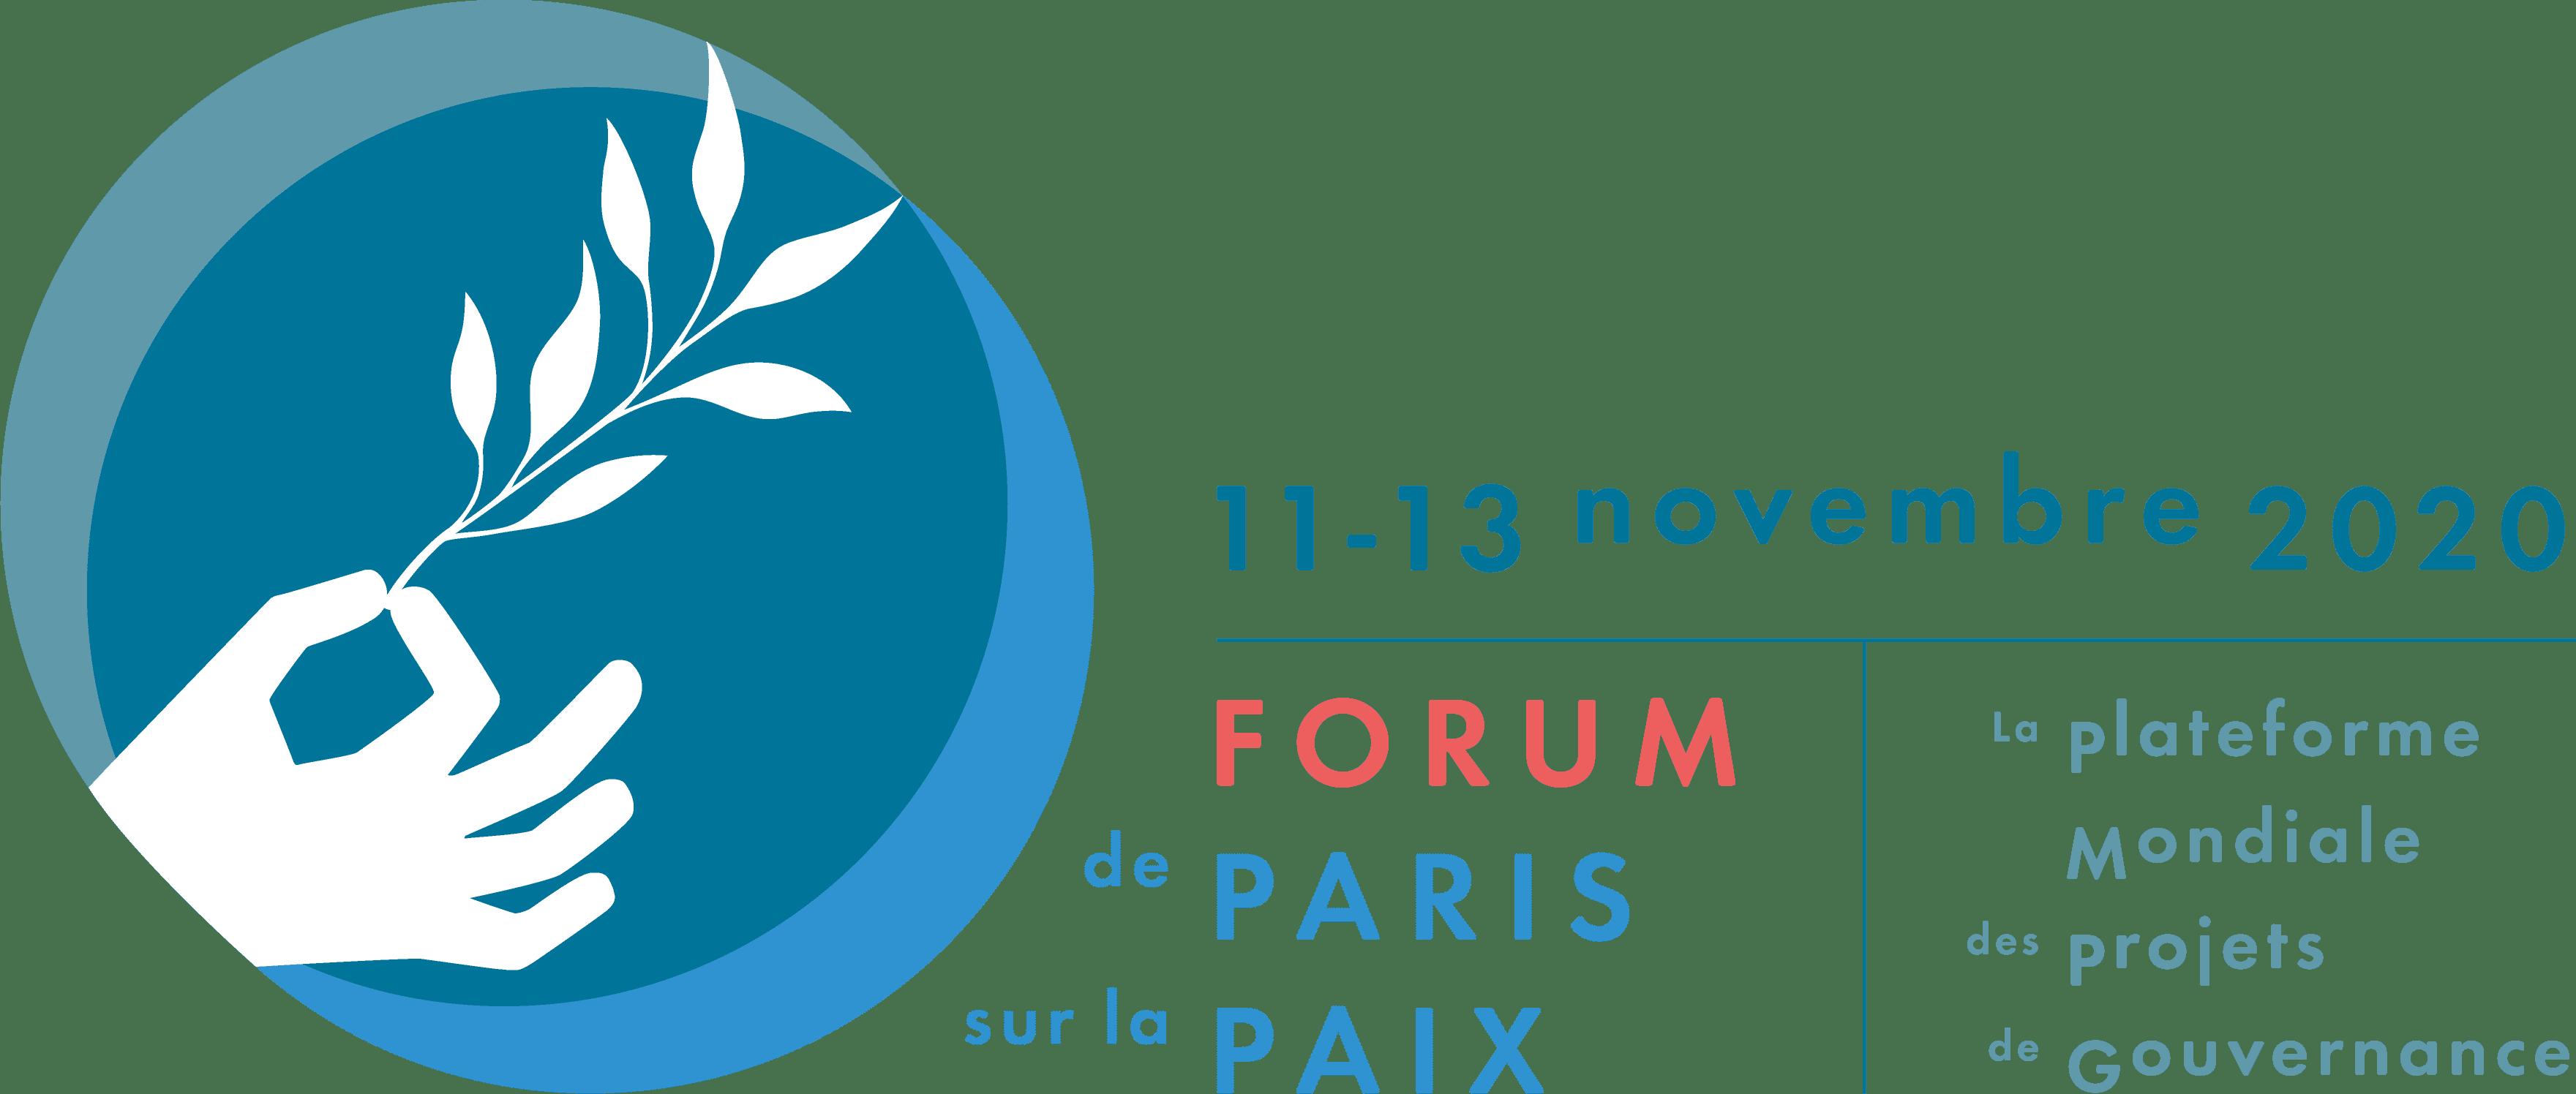 <br></noscript>Télécharger le logo avec la baseline en français (PNG transparent)